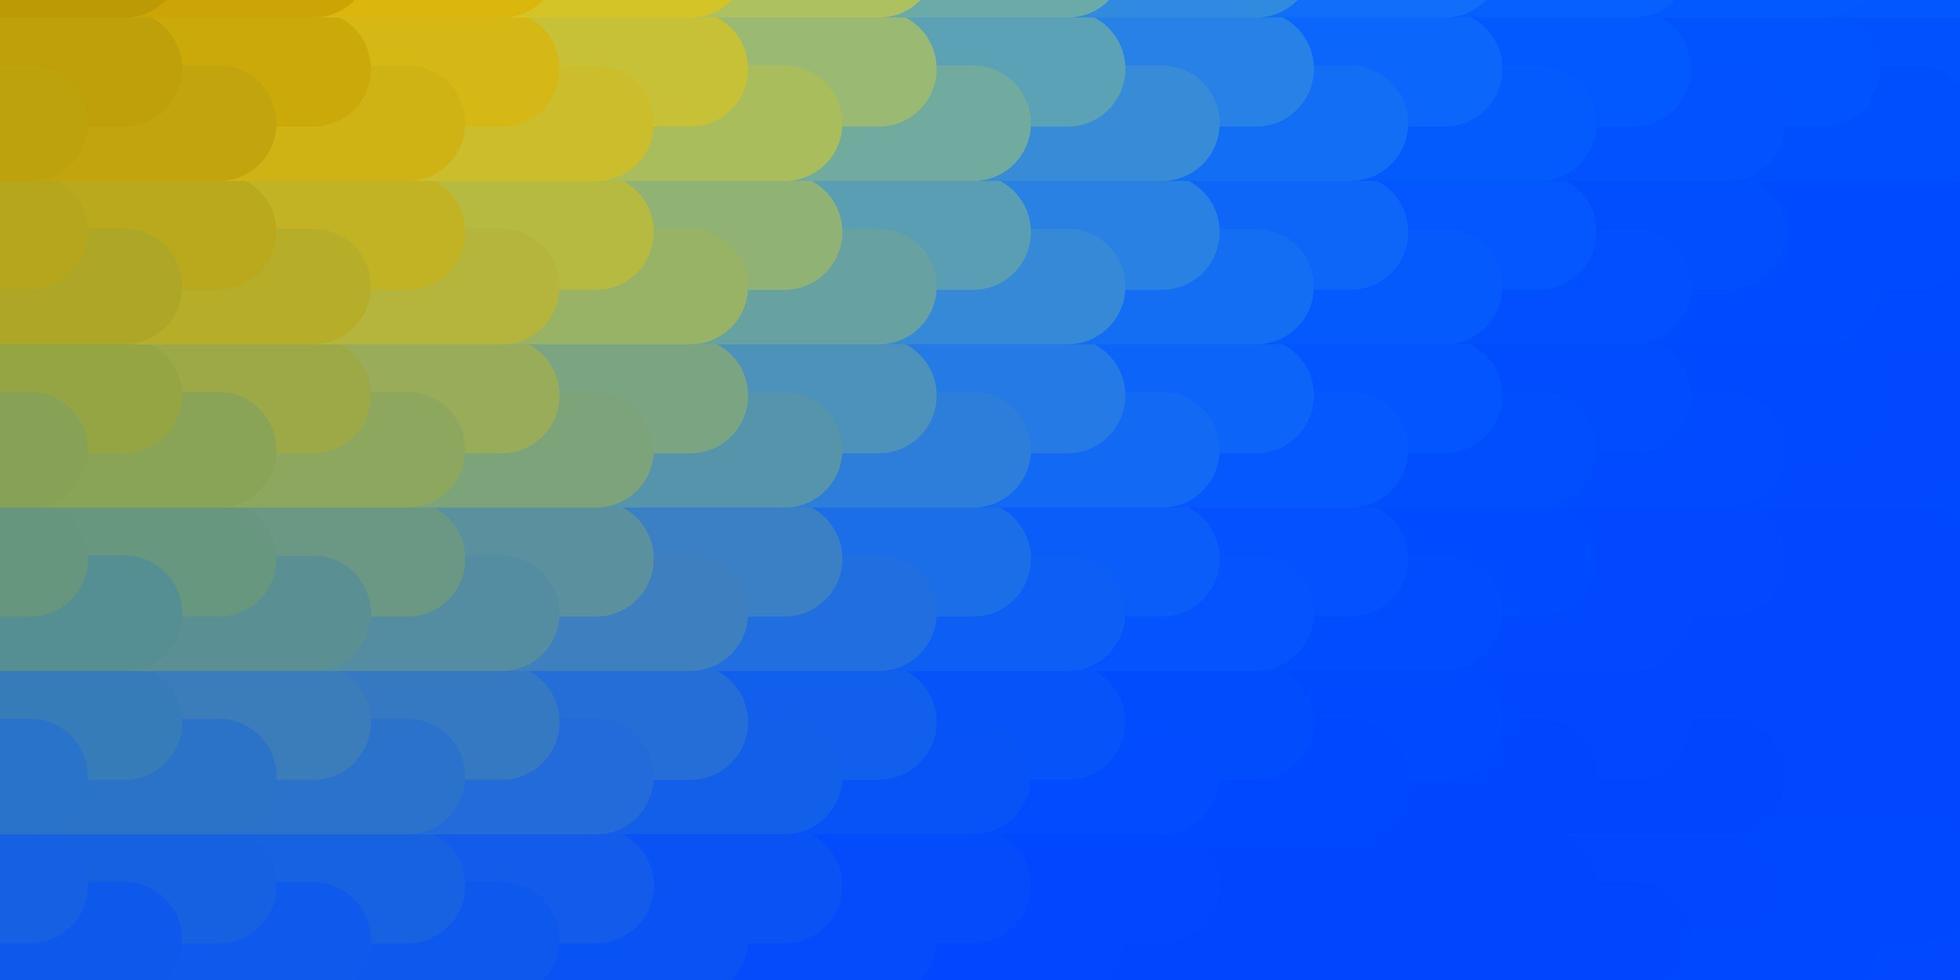 texture bleu clair, jaune avec des lignes. vecteur